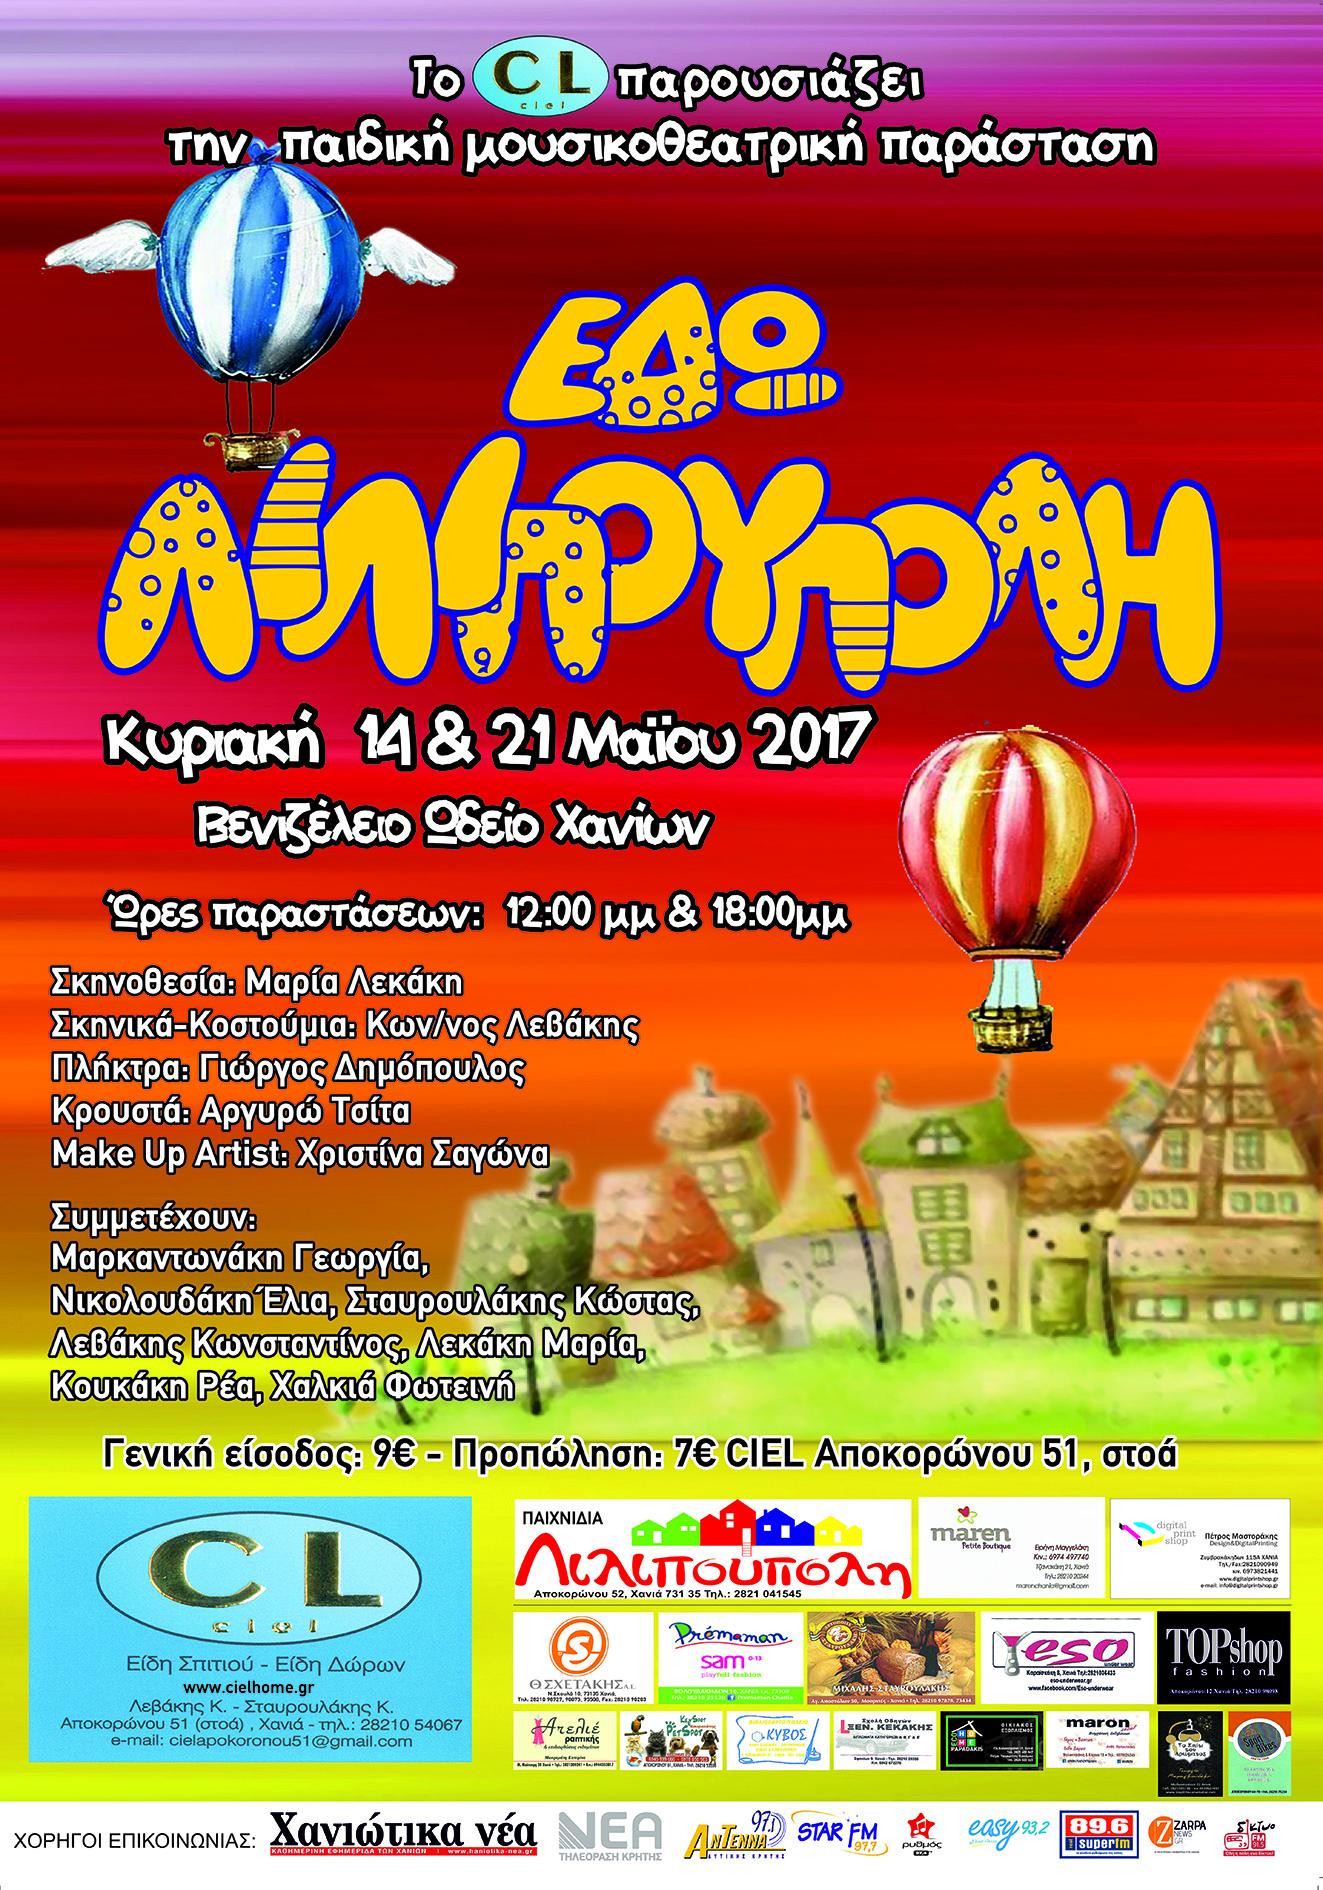 LILIPOUPOLH_AFISA_MART2017.cdr